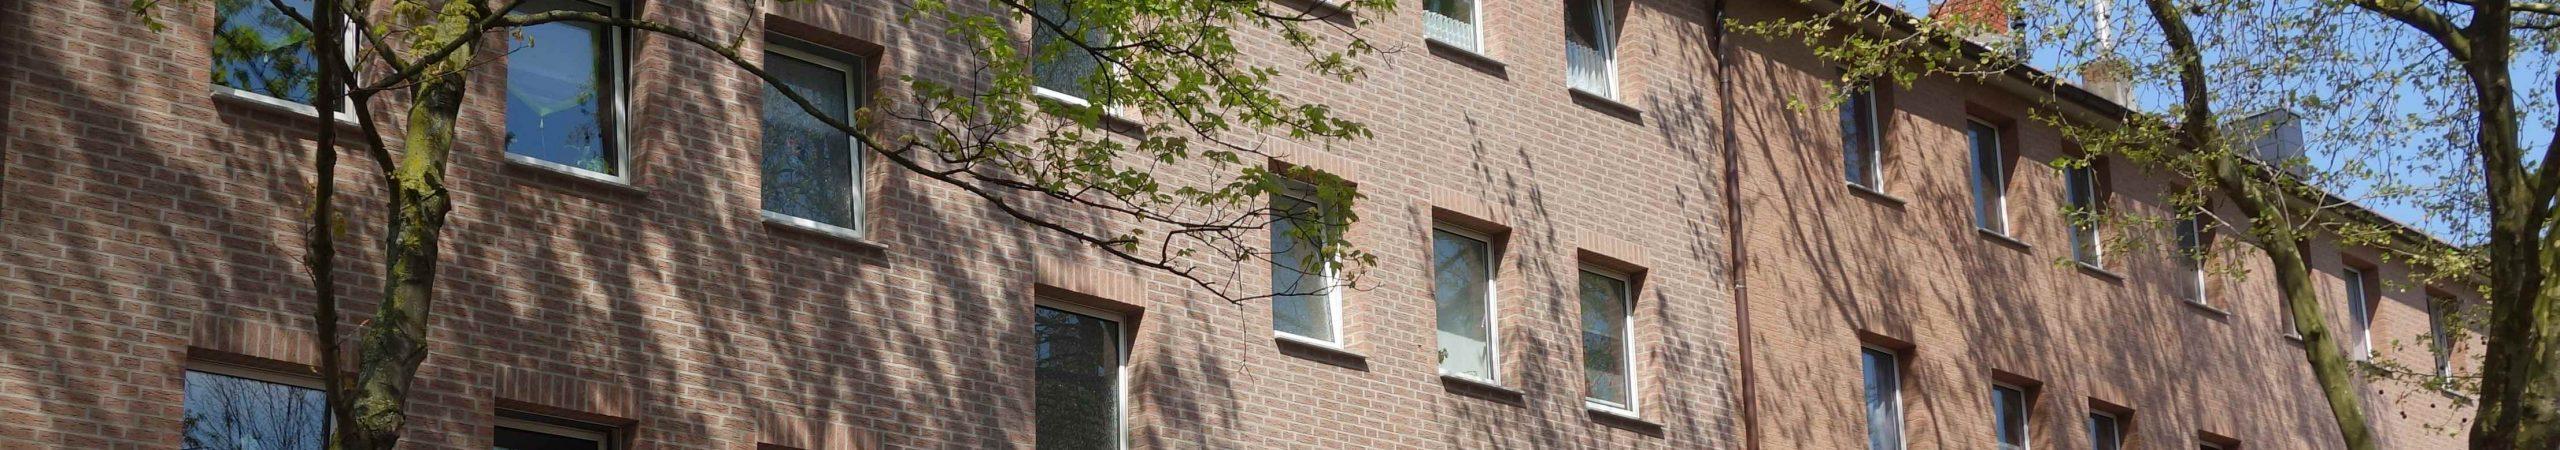 Moselewski Immobilien Gelsenkirchen